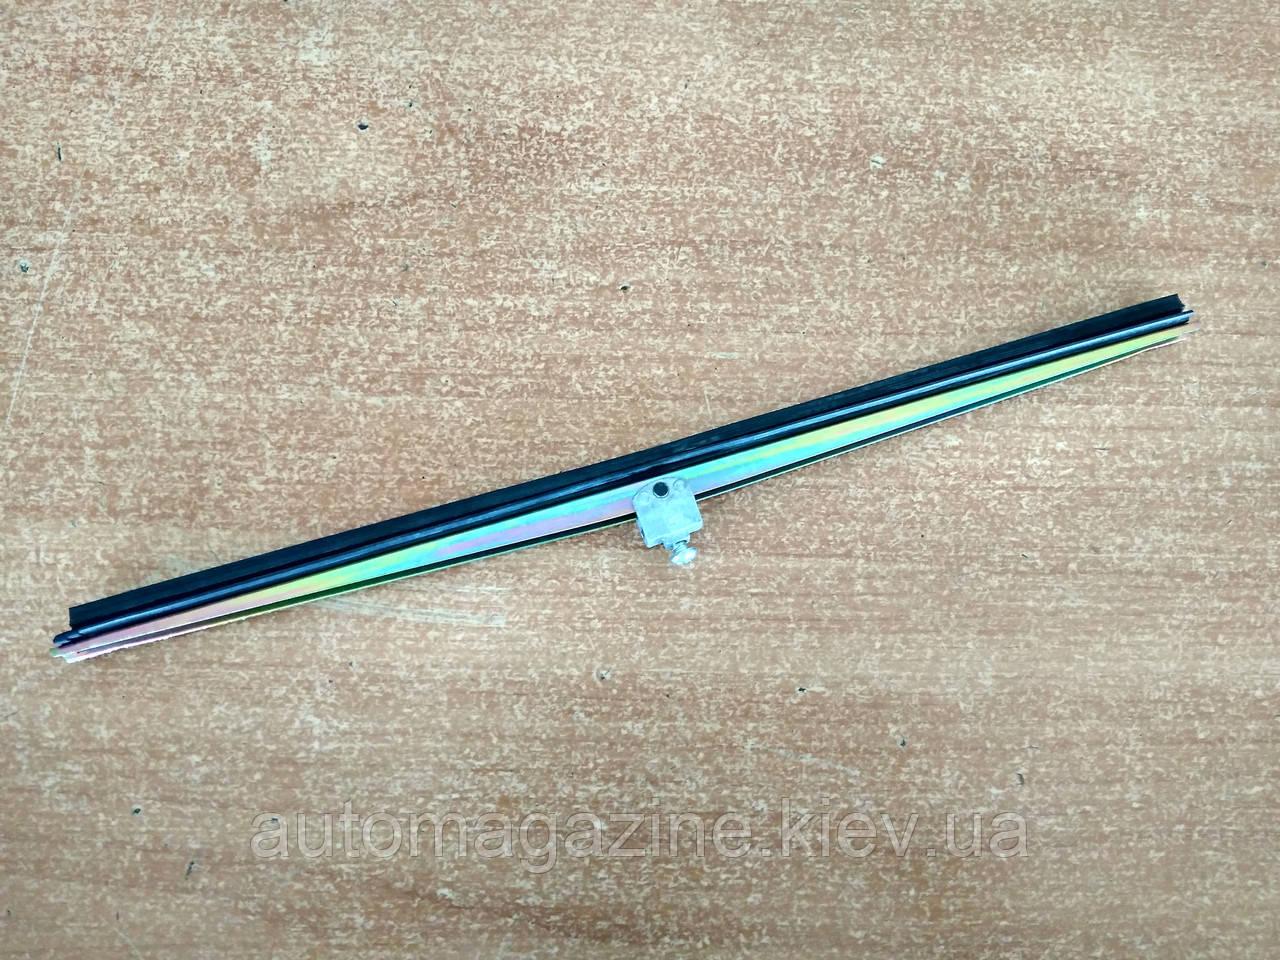 Щетка стеклоочистителя УАЗ 469 (верхнее расположение)